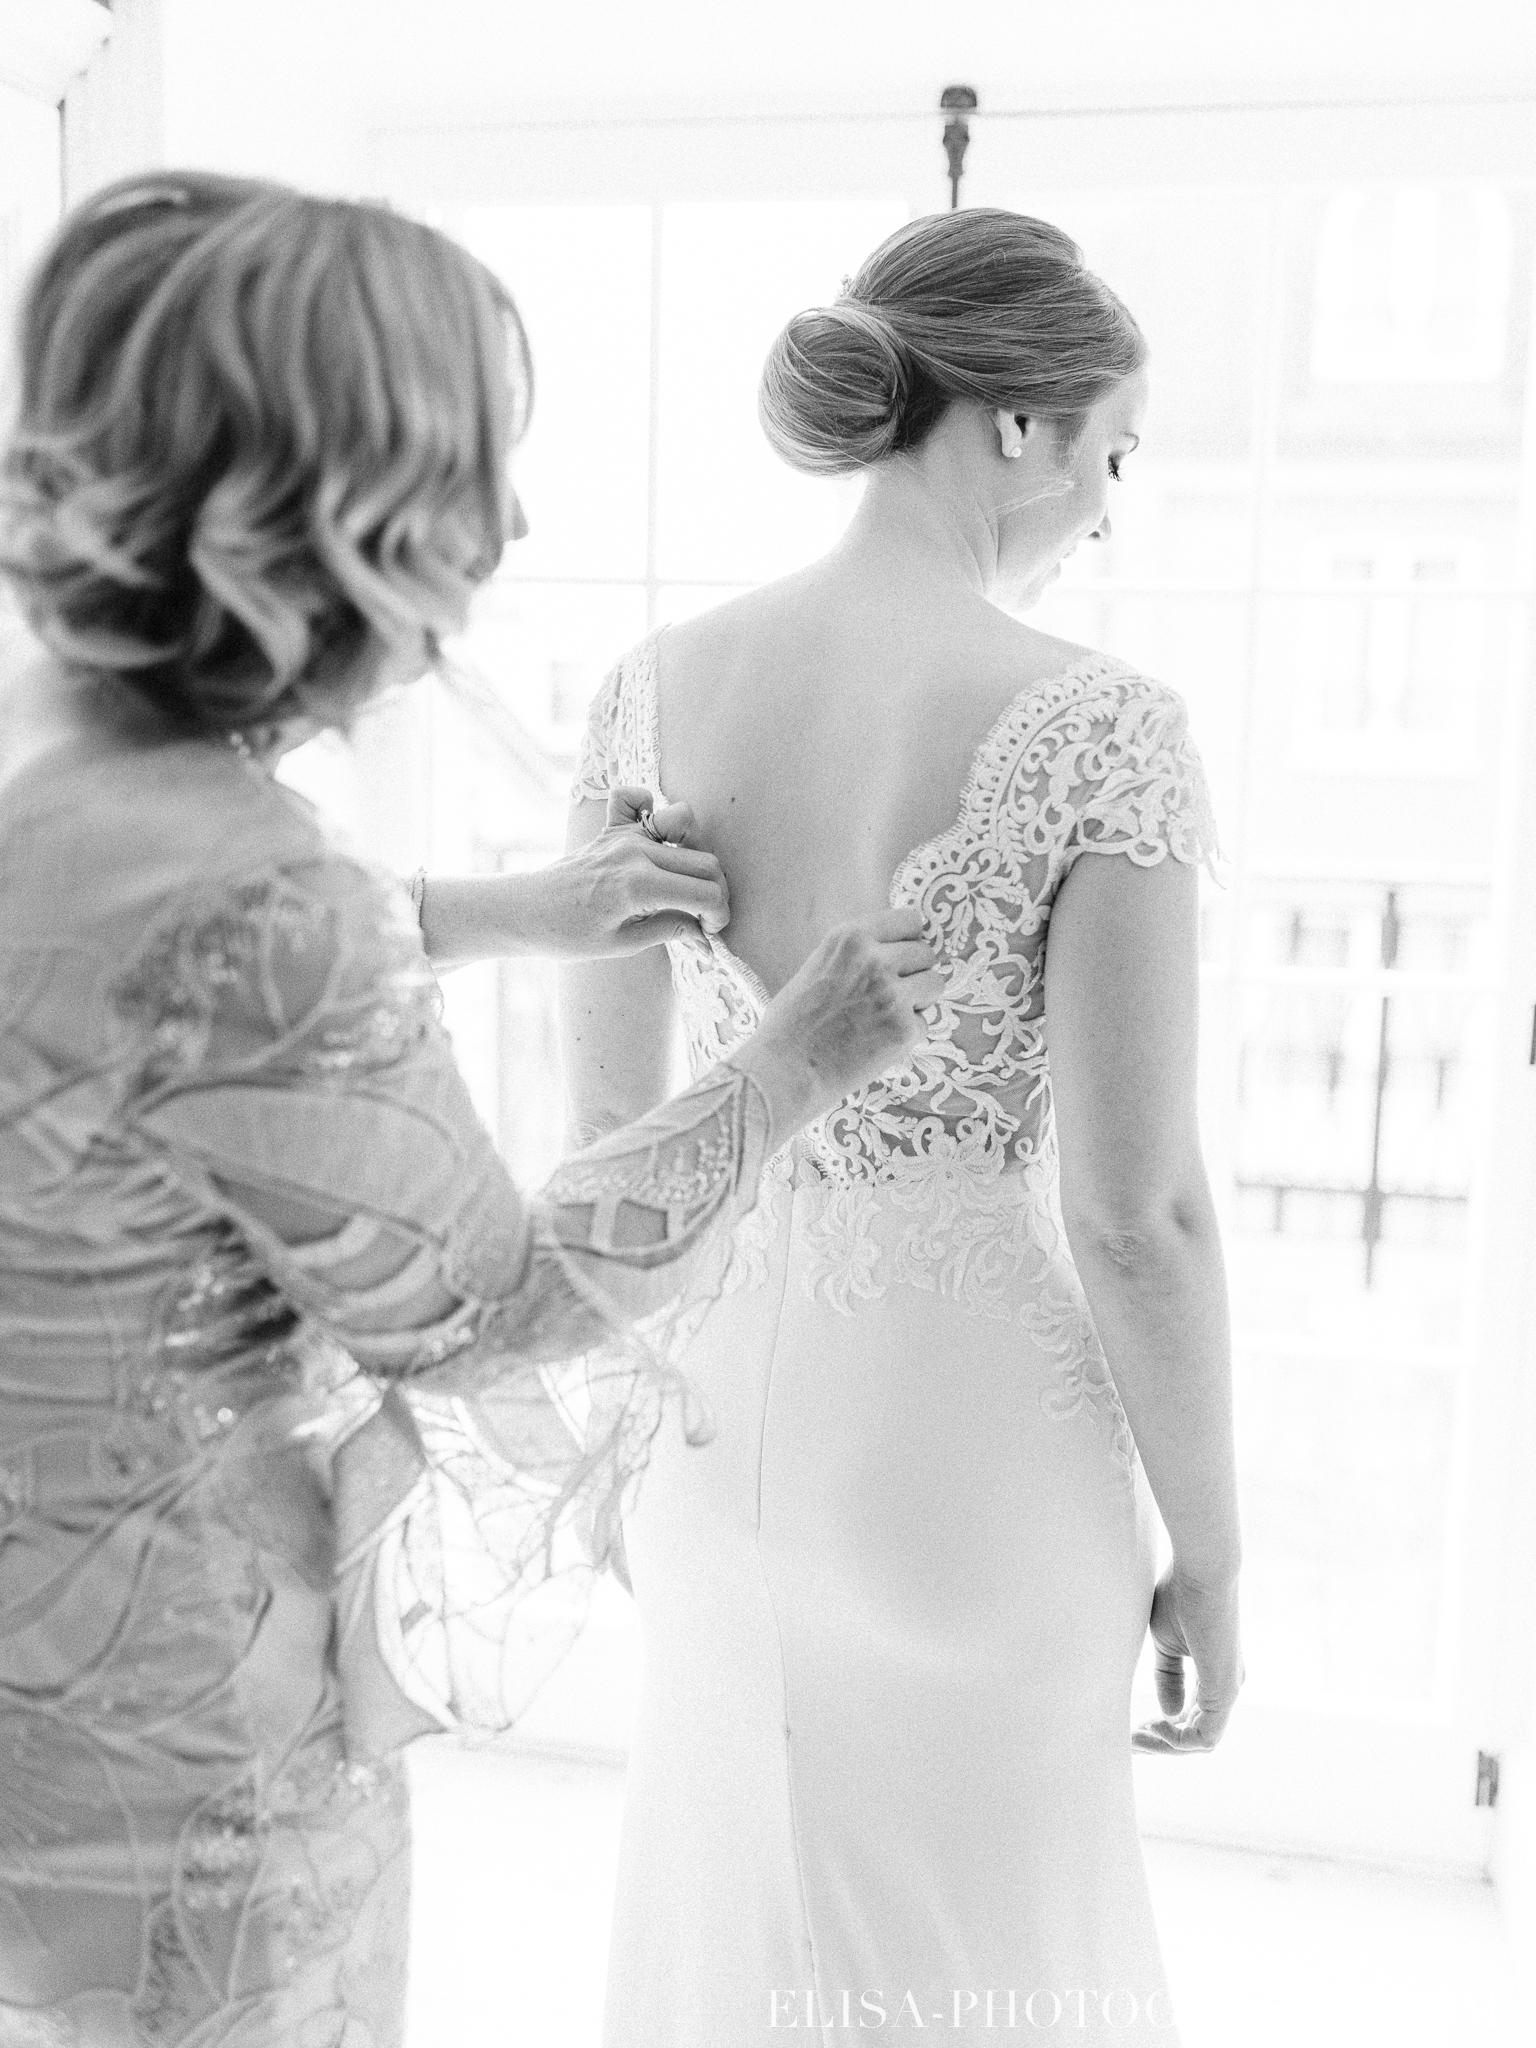 photo mariage quebec auberge saint antoine elisa photographe preparatifs de la mariee robe 9126 - Mariage élégant et discret au coeur du magnifique Domaine Cataraqui, Québec